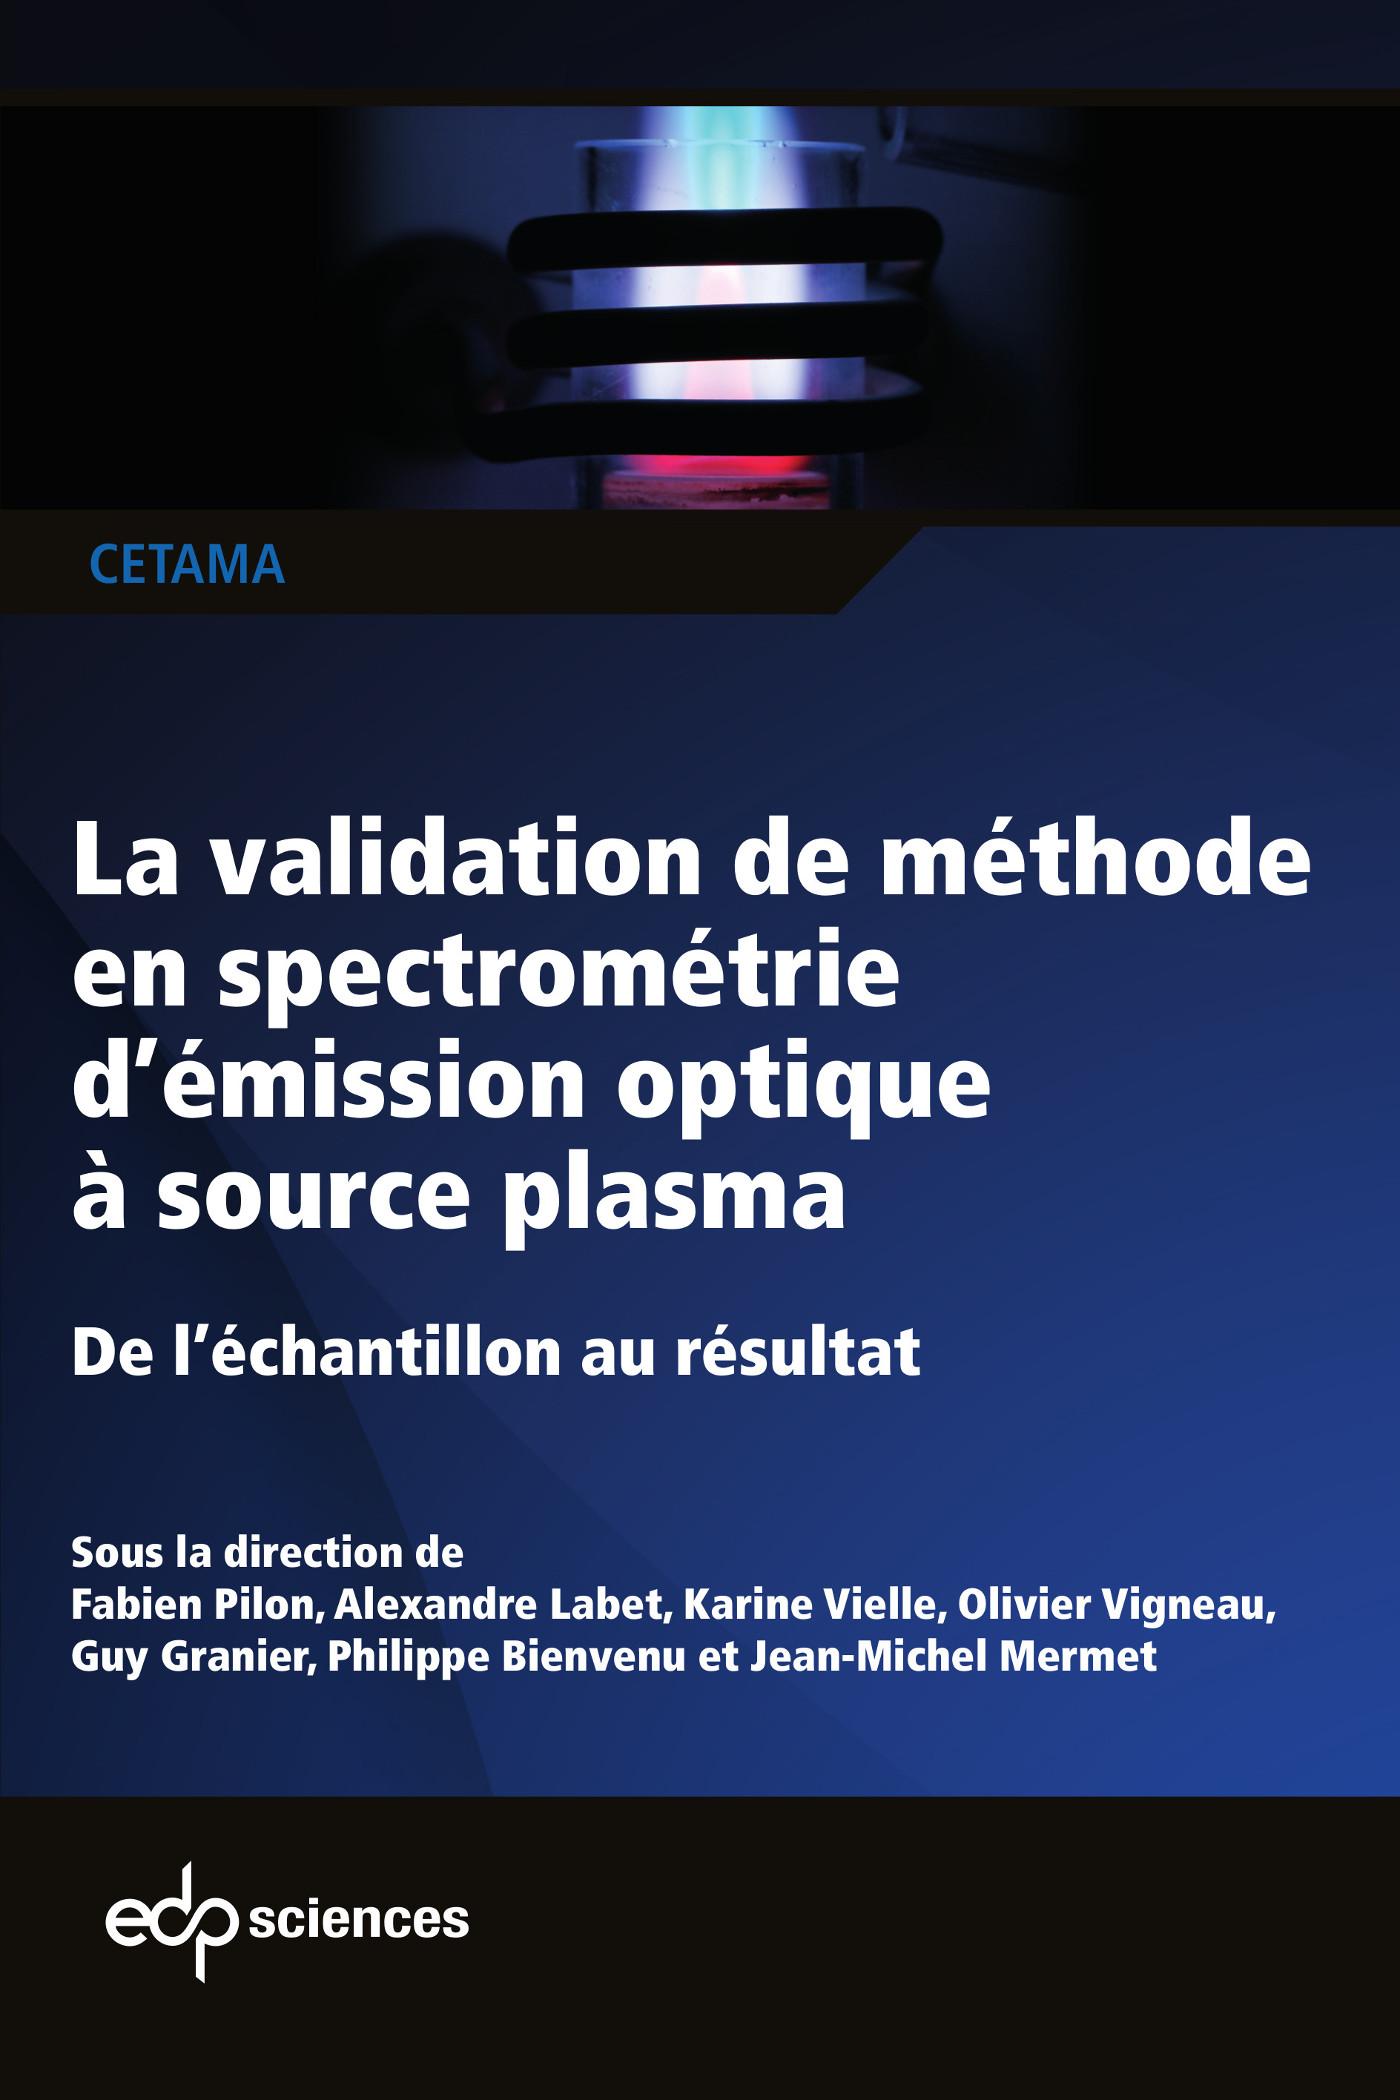 La validation de méthode en spectrométrie d'émission optique à source plasma